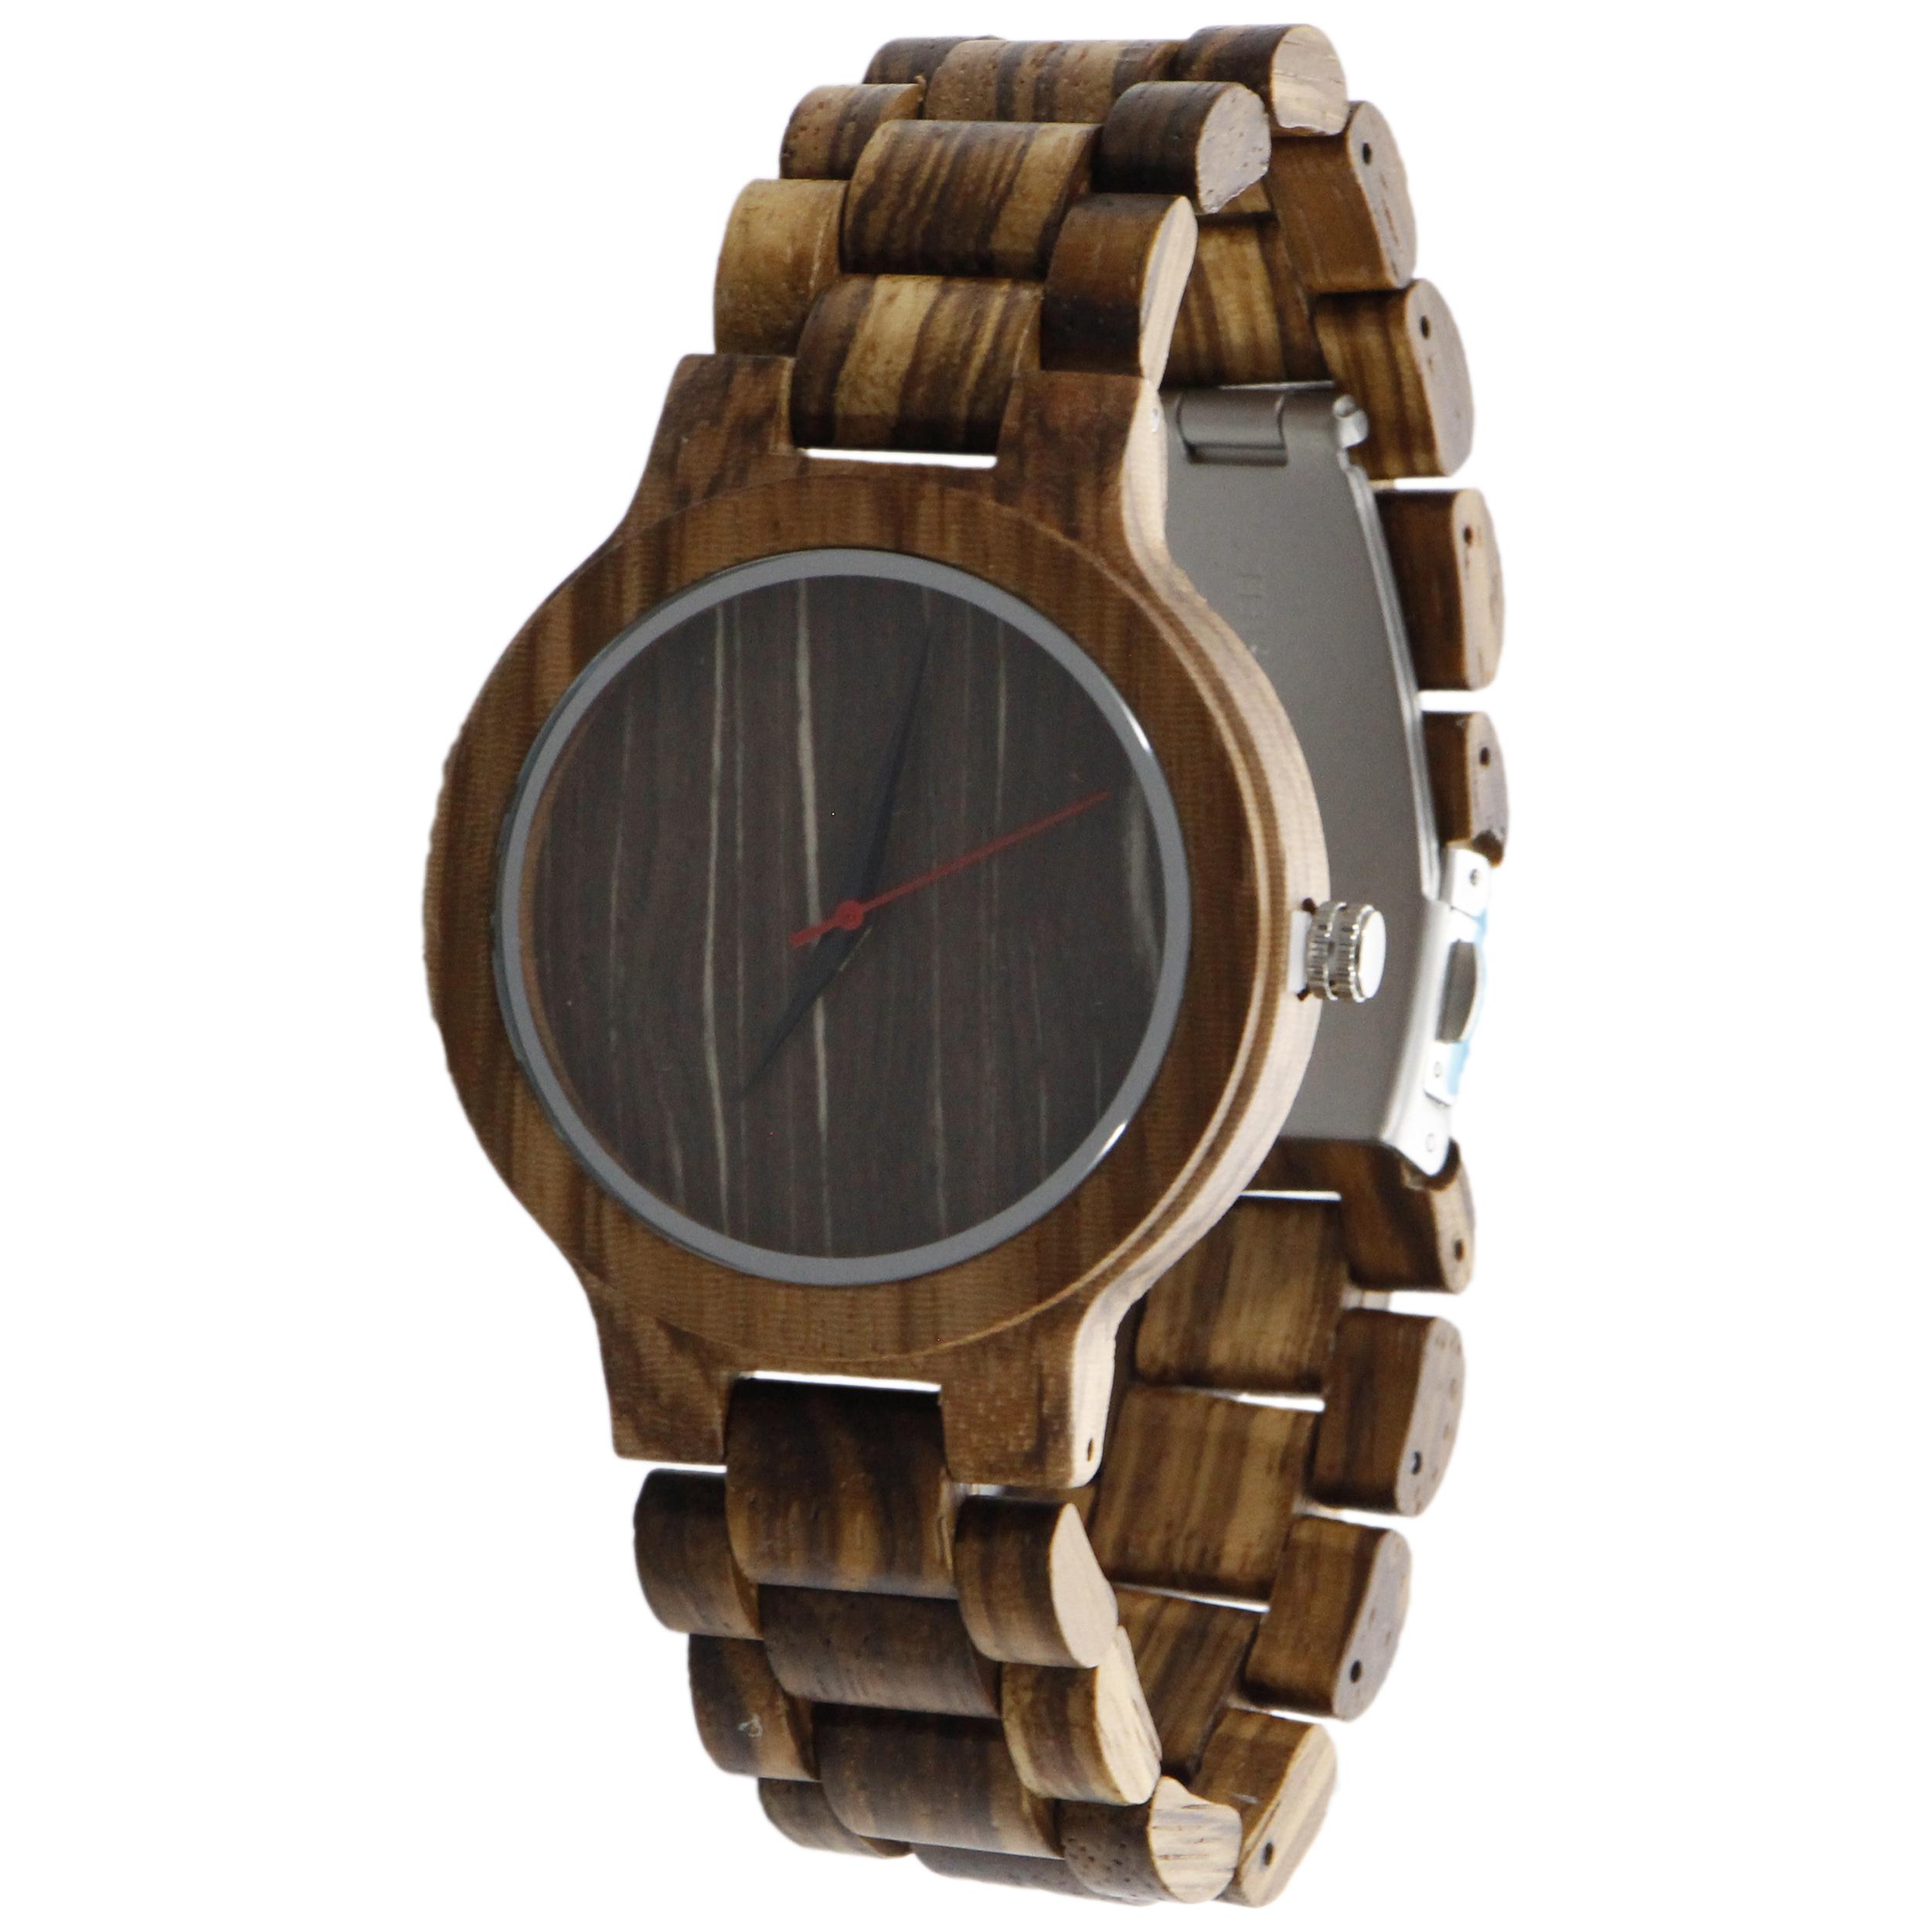 ساعت مچی چوبی عقربه ای - کد BMK23